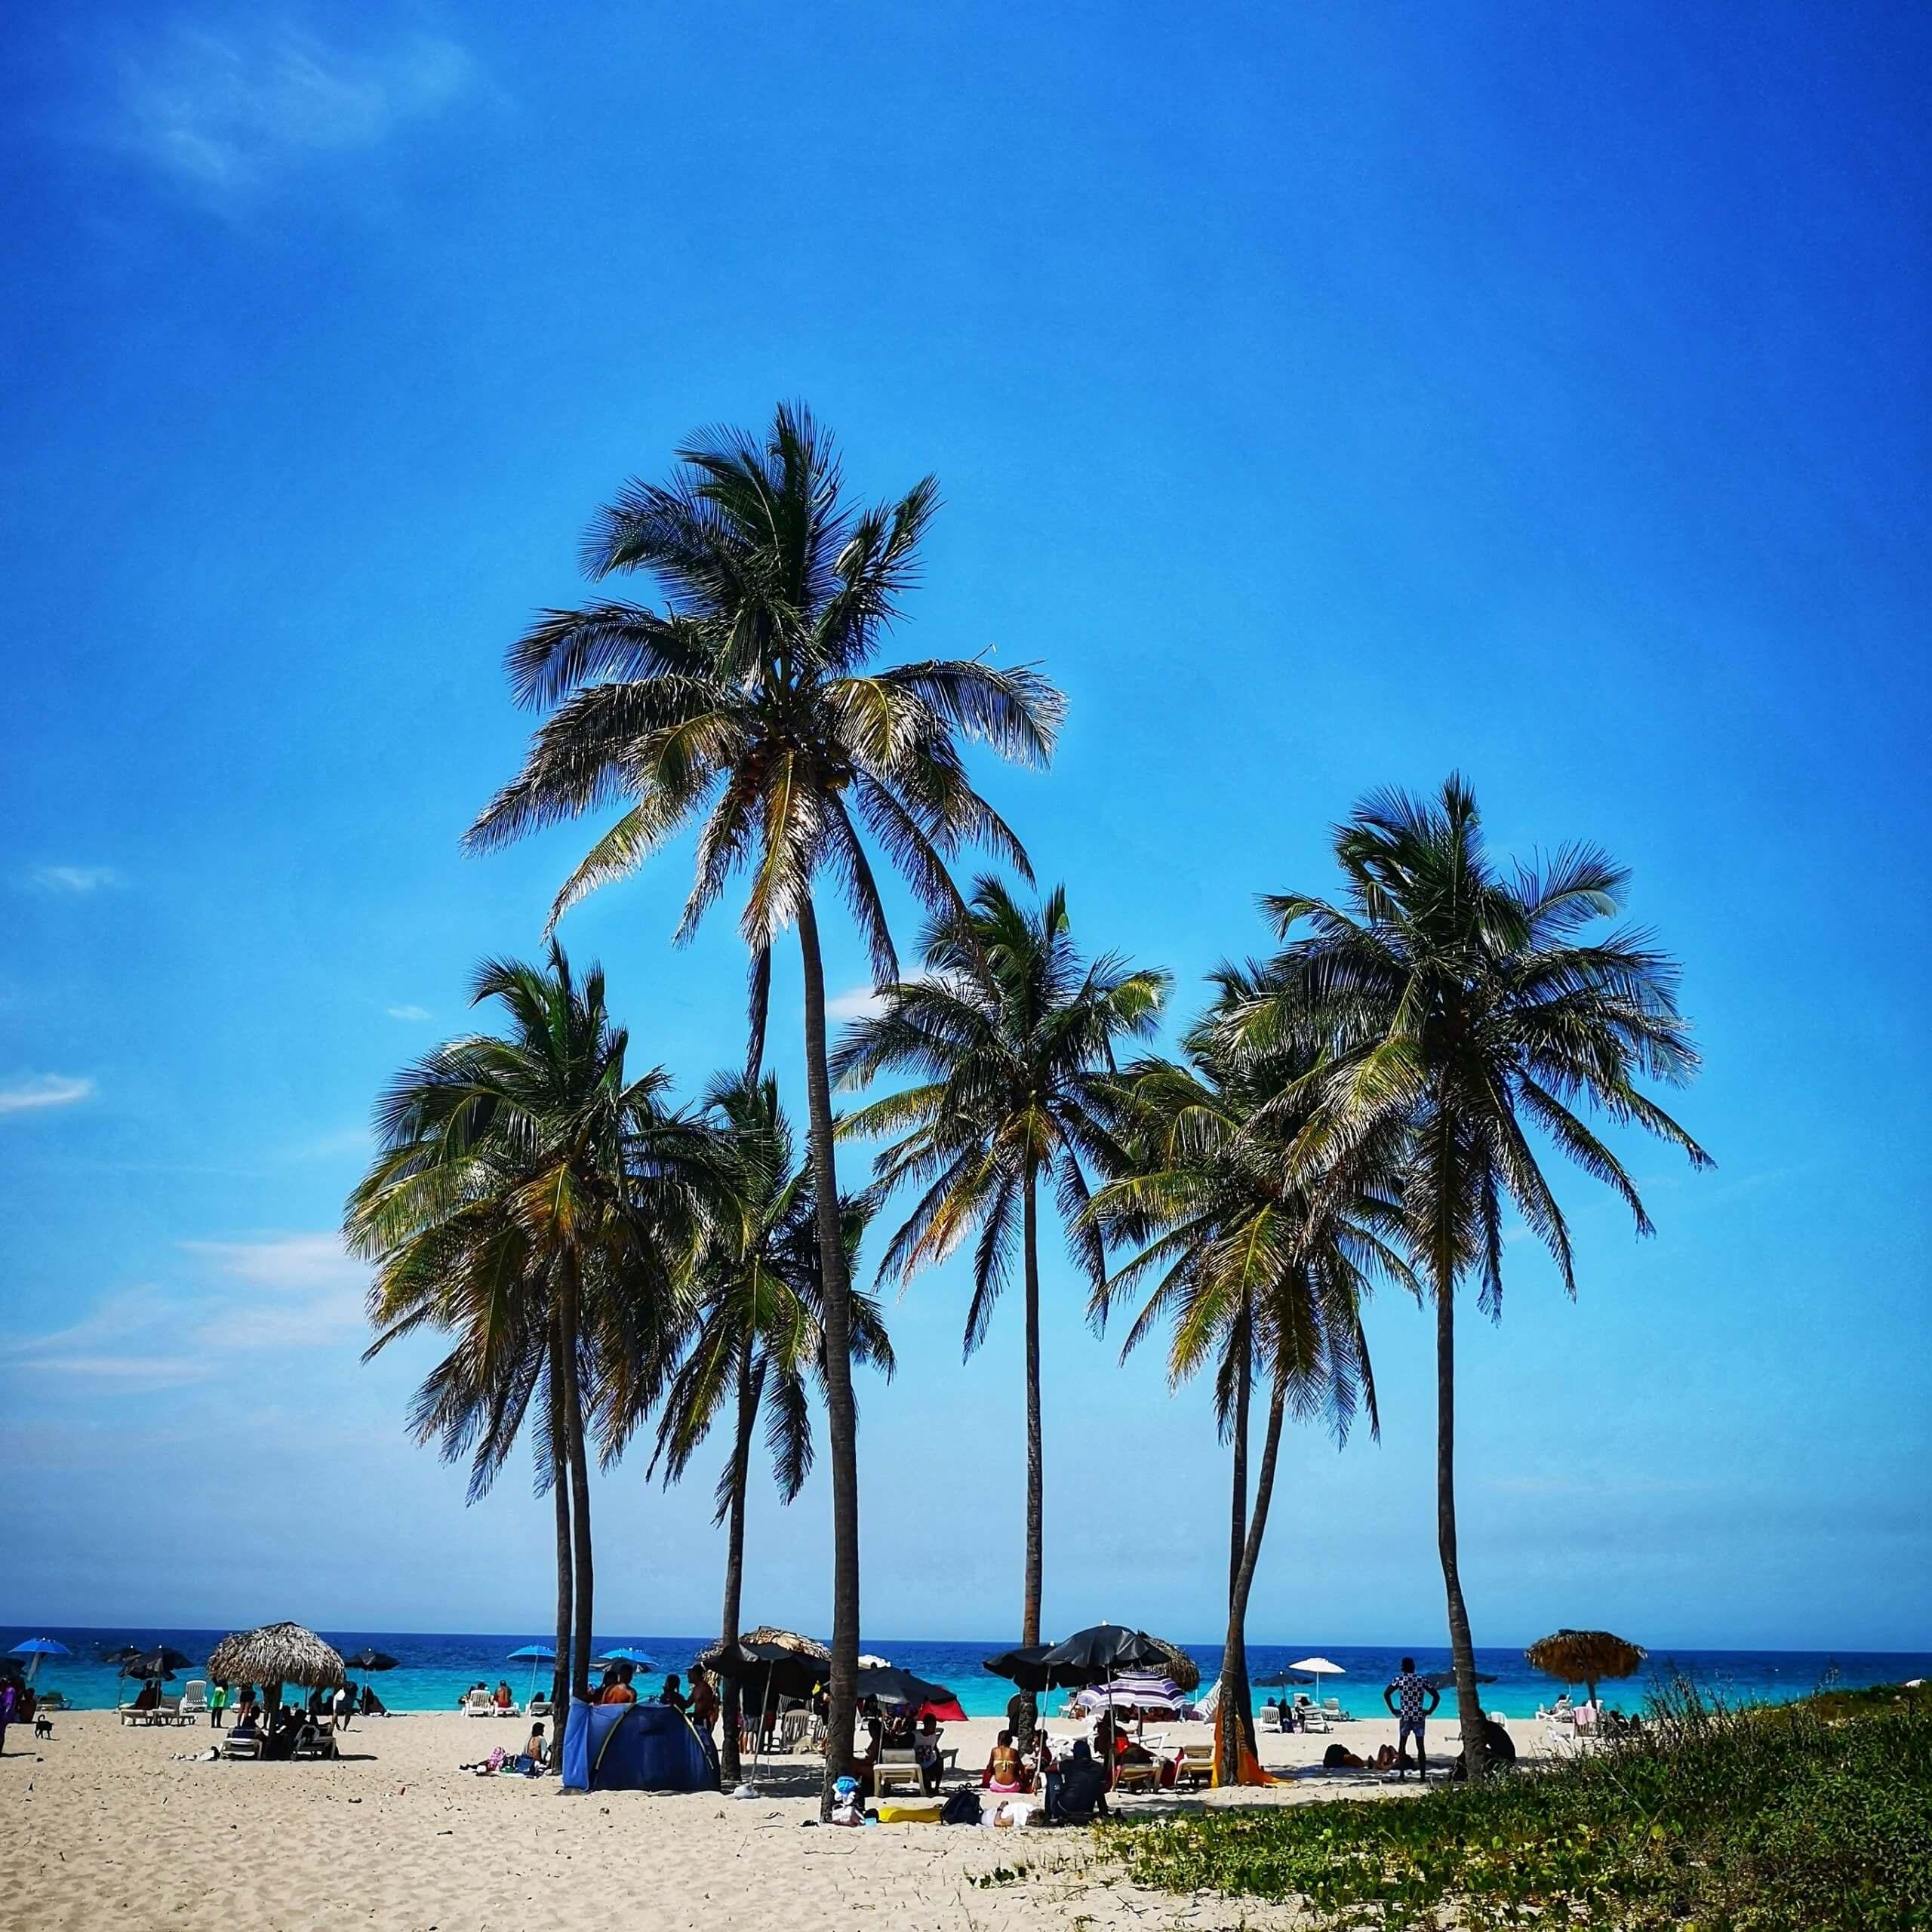 Playa del este i Havanna